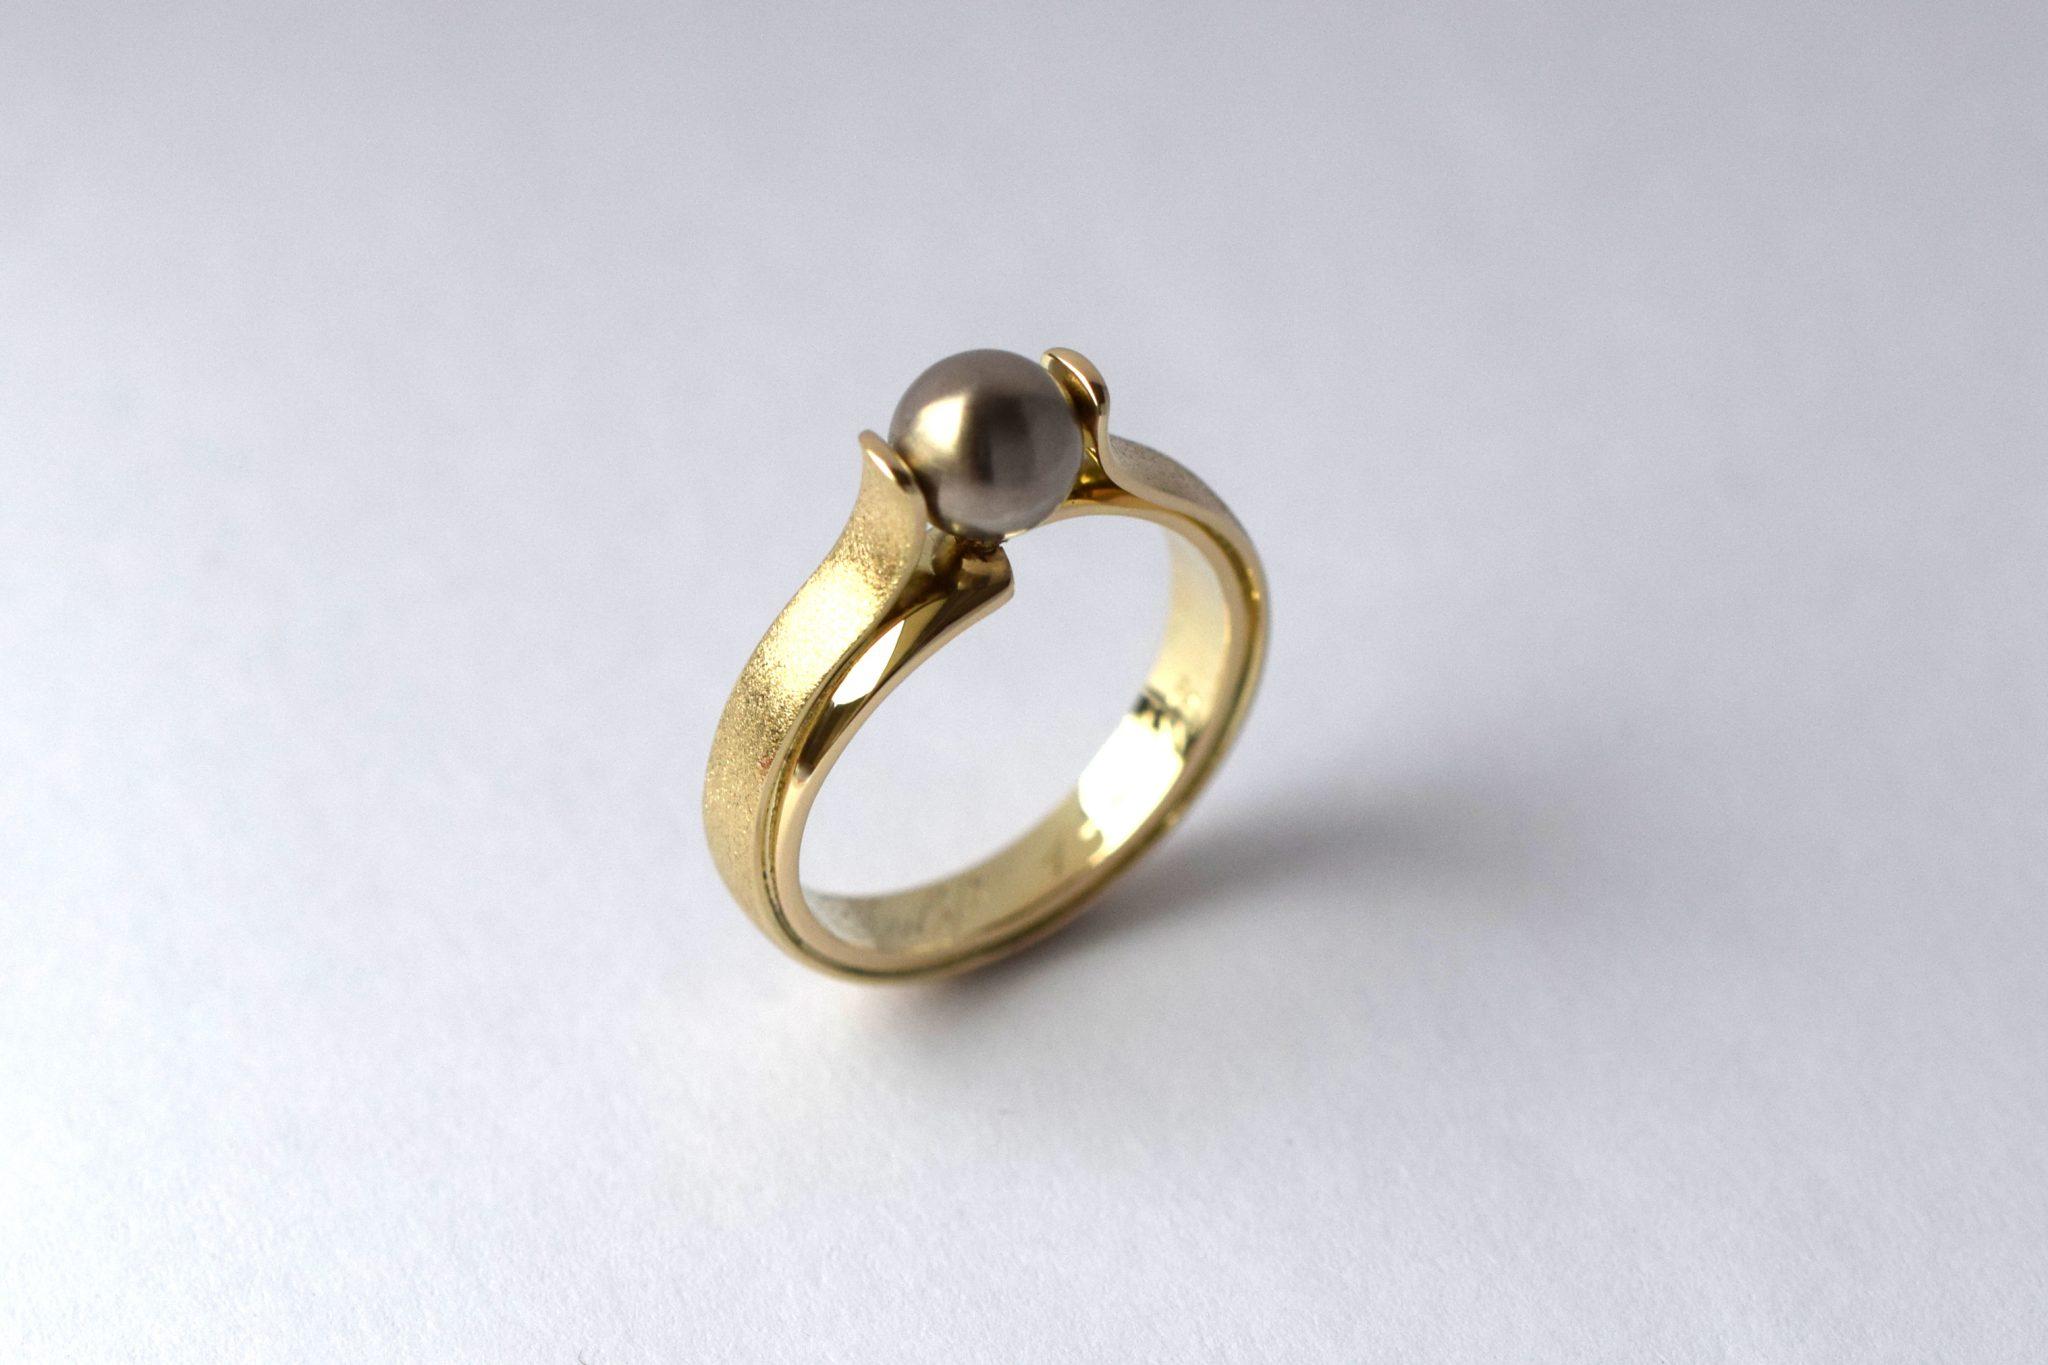 Nét afgeleverd: gedenksieraad van trouwringen met as